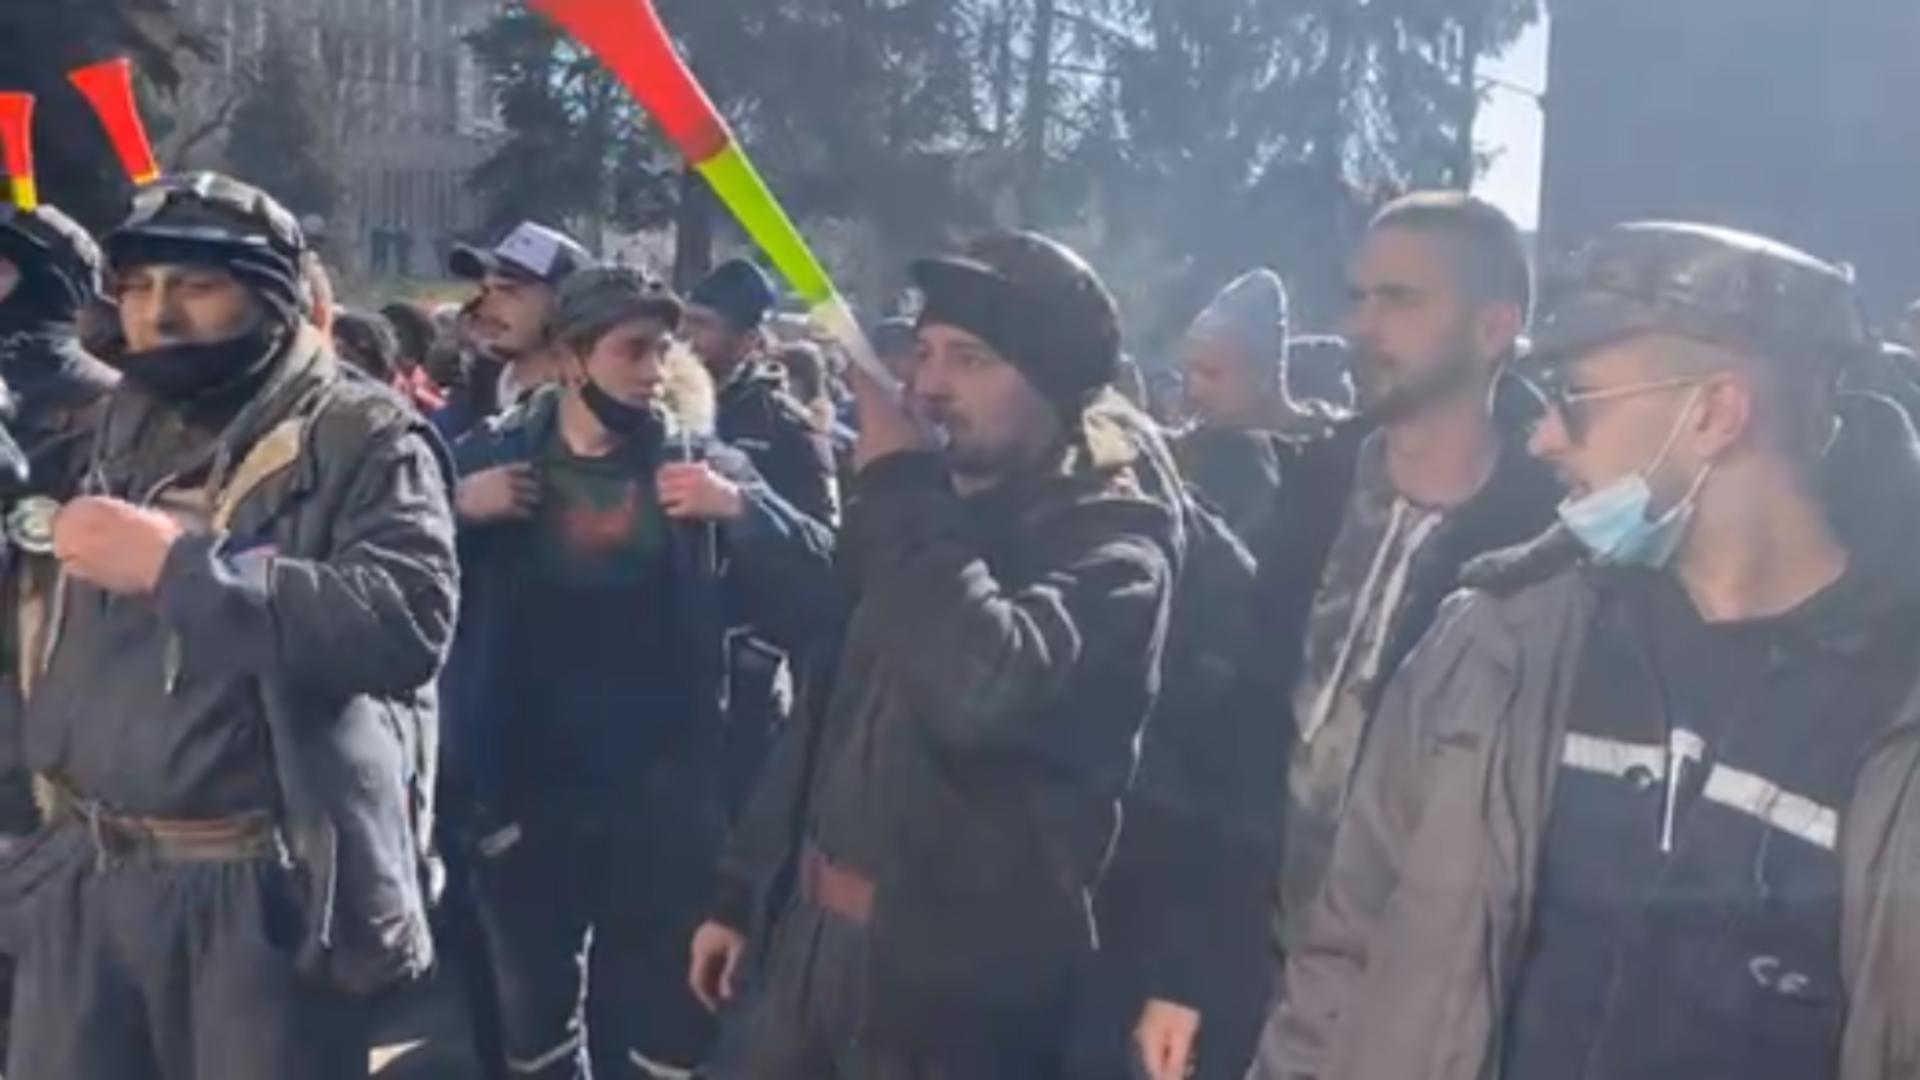 Minerii protestează la Parlament pentru pensionare anticipată - Peste 8.000 vor fi concediați în următoarele luni